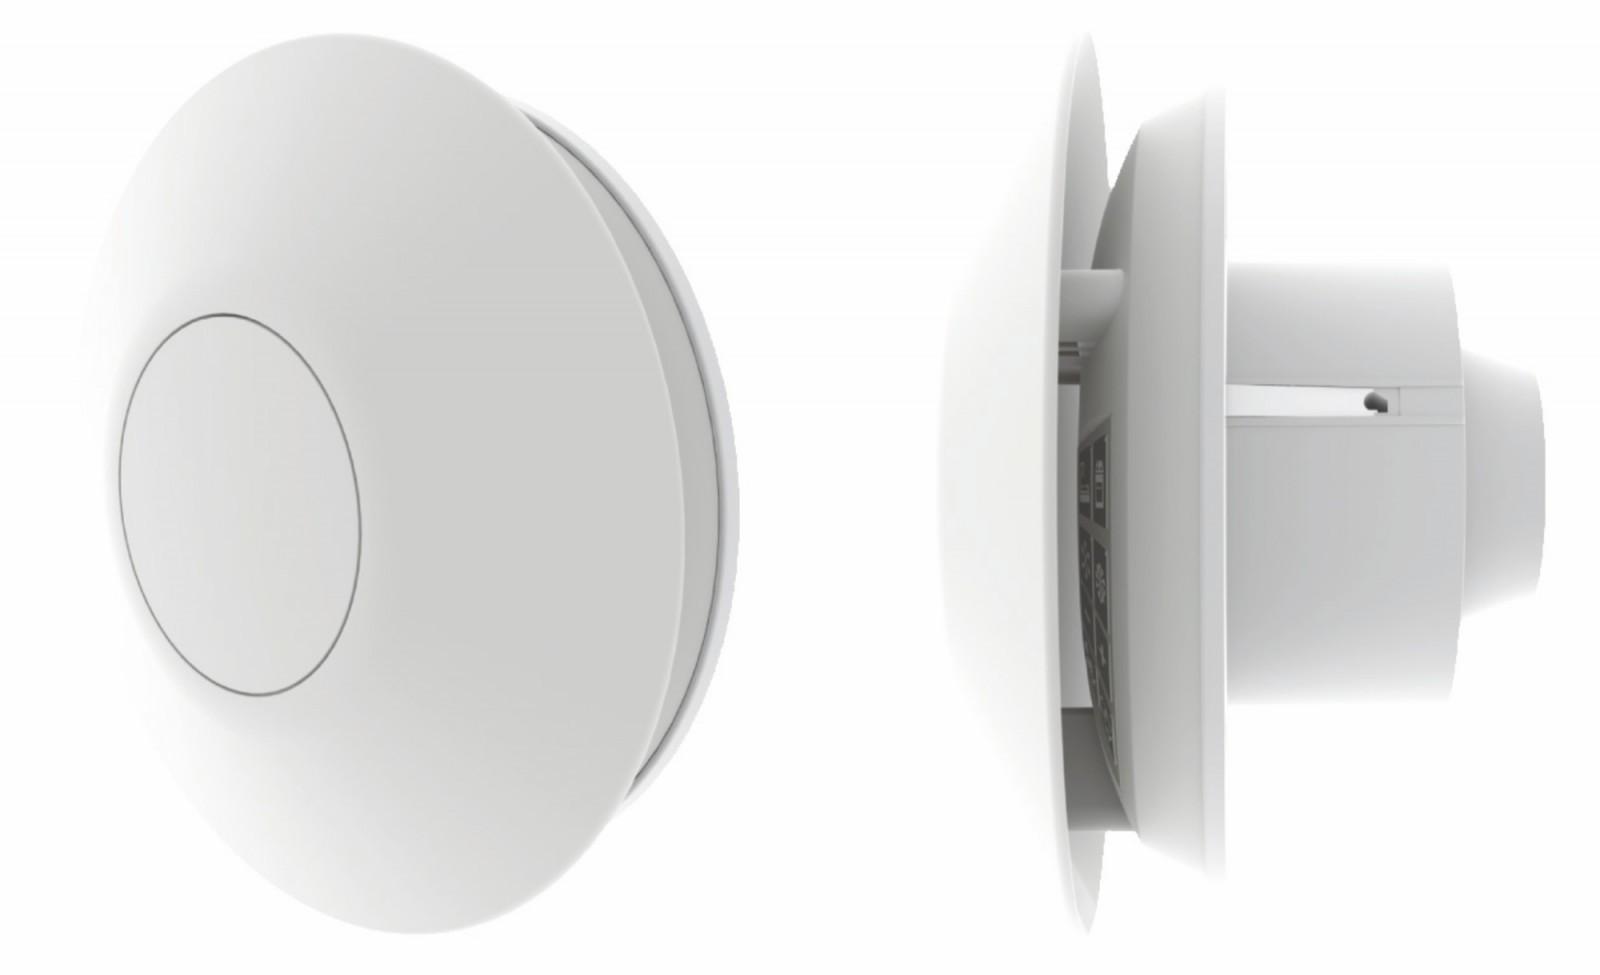 Вентиляторы накладные Marley (Германия) Вентилятор накладной Marley MP-100S (Premium P11) (таймер, датчик влажности, программируемый) вр01.jpg